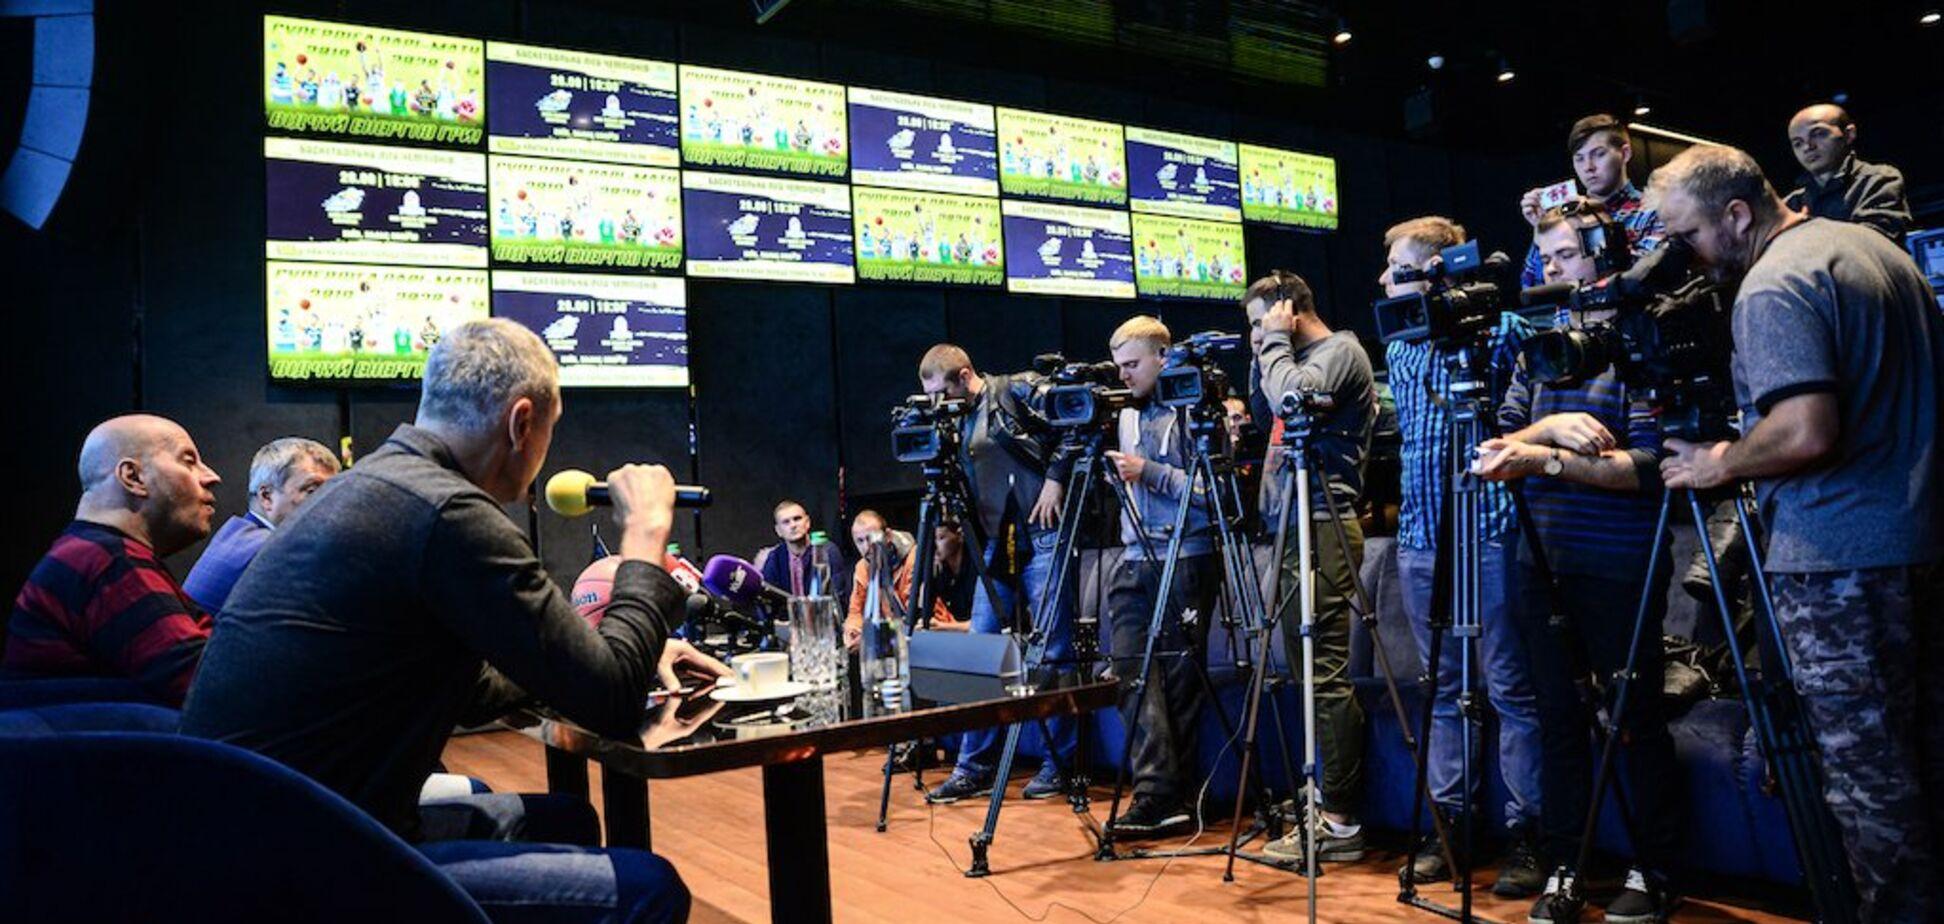 'Піднести сюрприз': тренер 'Київ-Баскета' розповів про майбутній матч Ліги чемпіонів